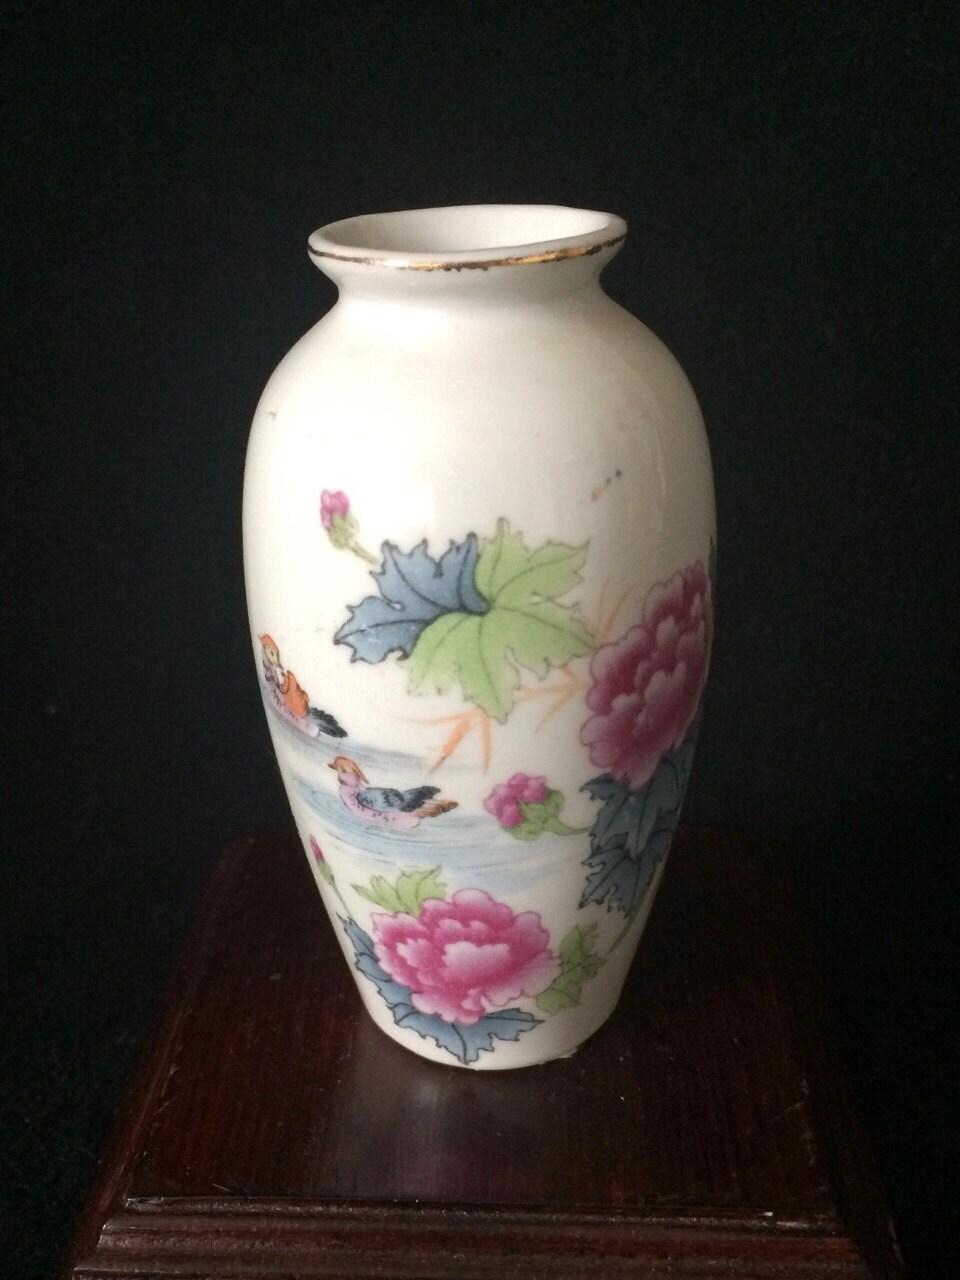 chinesisches porzellan miniatur vase mit blumen und enten. Black Bedroom Furniture Sets. Home Design Ideas